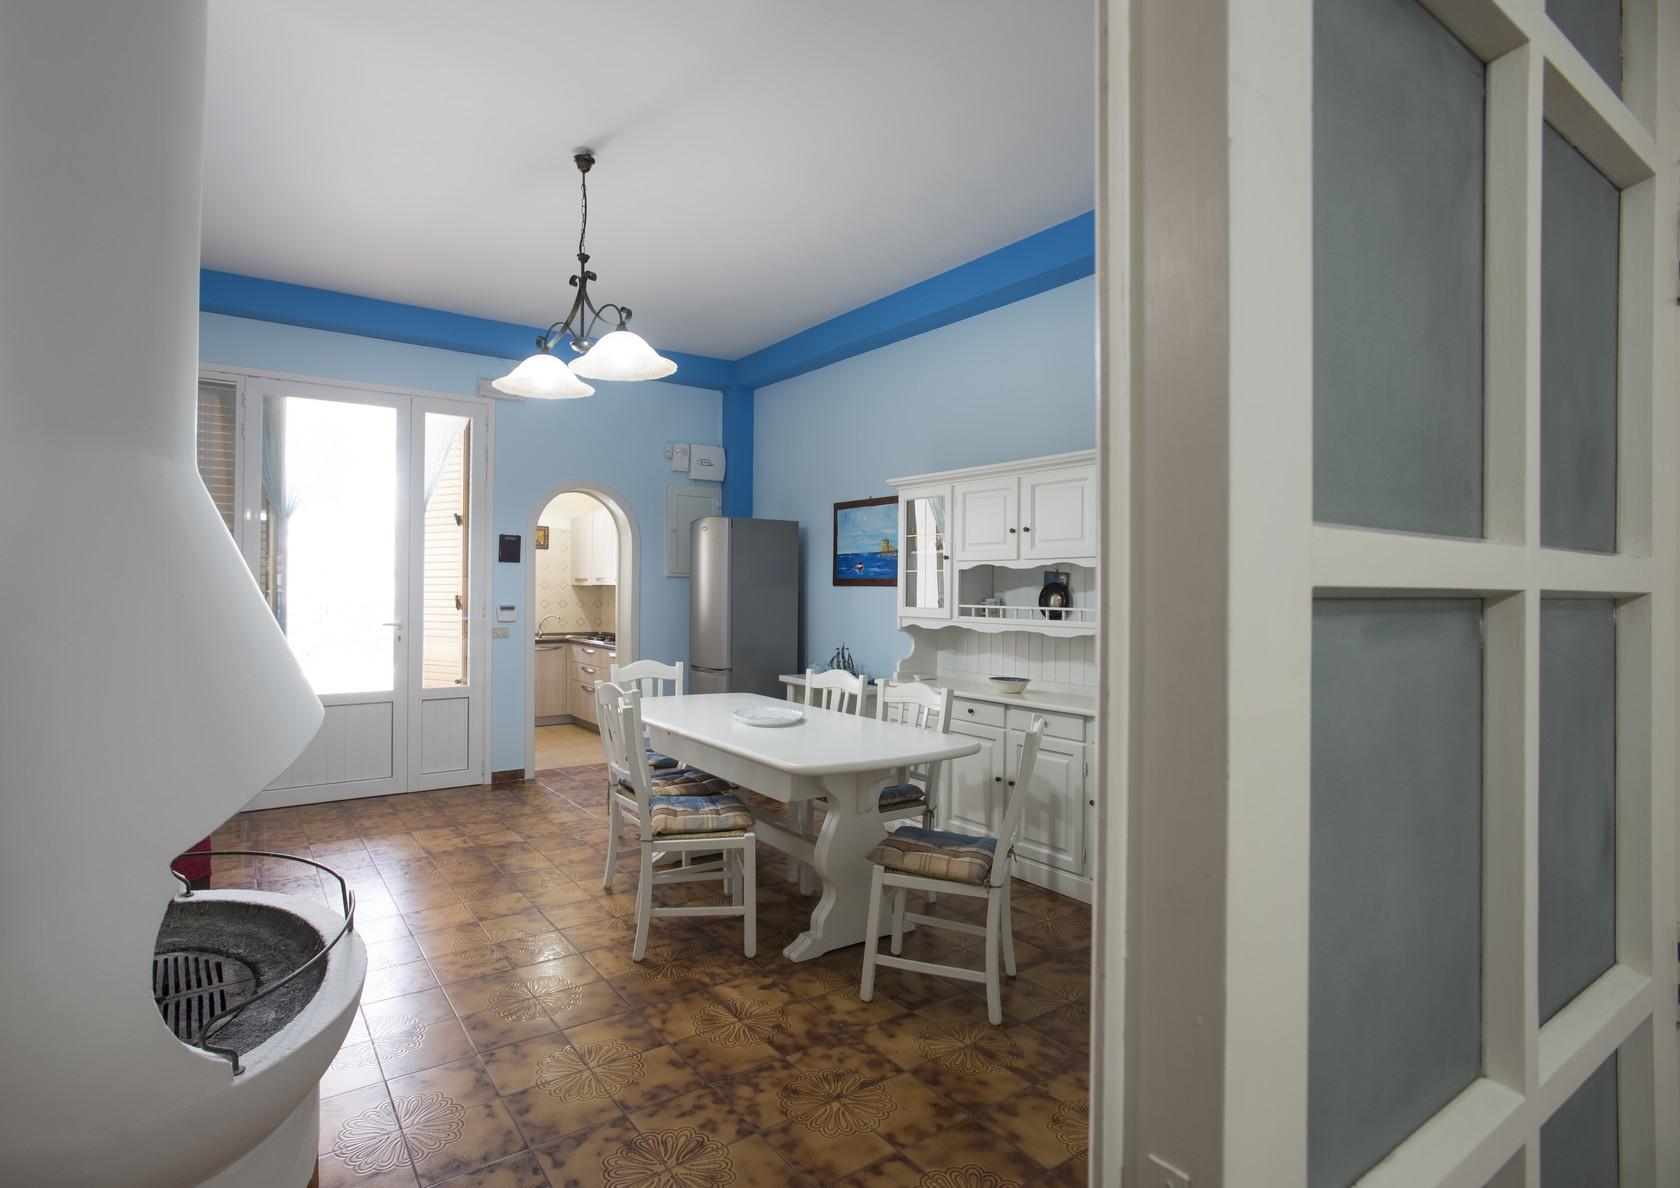 Ferienhaus Villa Desiderio, villa on the beach (2354061), Porto Cesareo, Lecce, Apulien, Italien, Bild 24